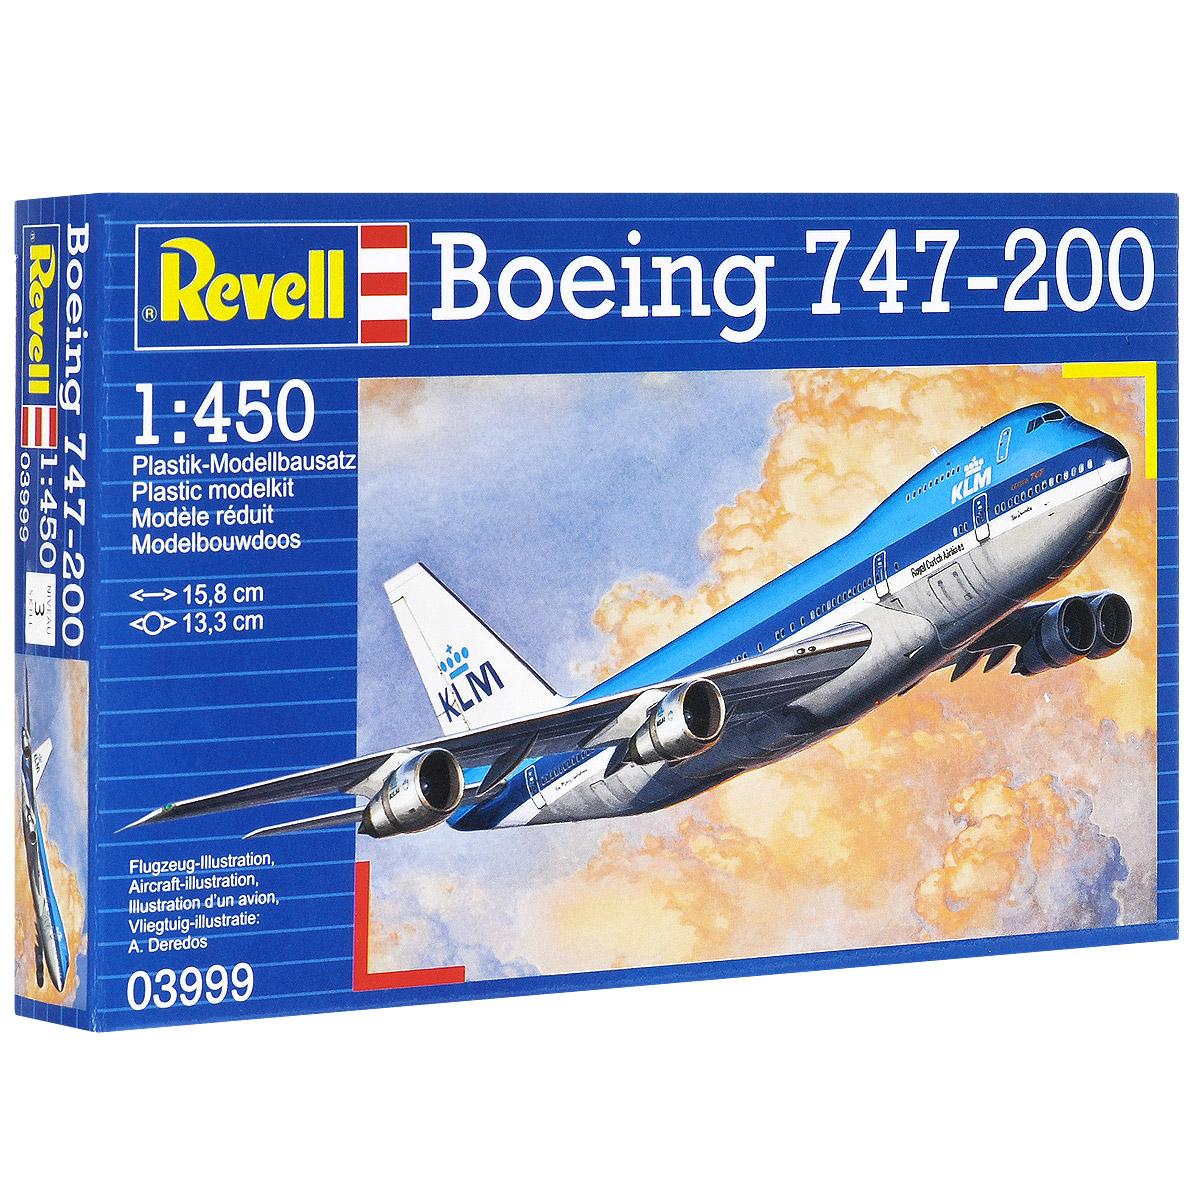 Сборная модель Revell Самолет Boeing 747-200 сборная модель пассажирского самолета revell boeing 747 8